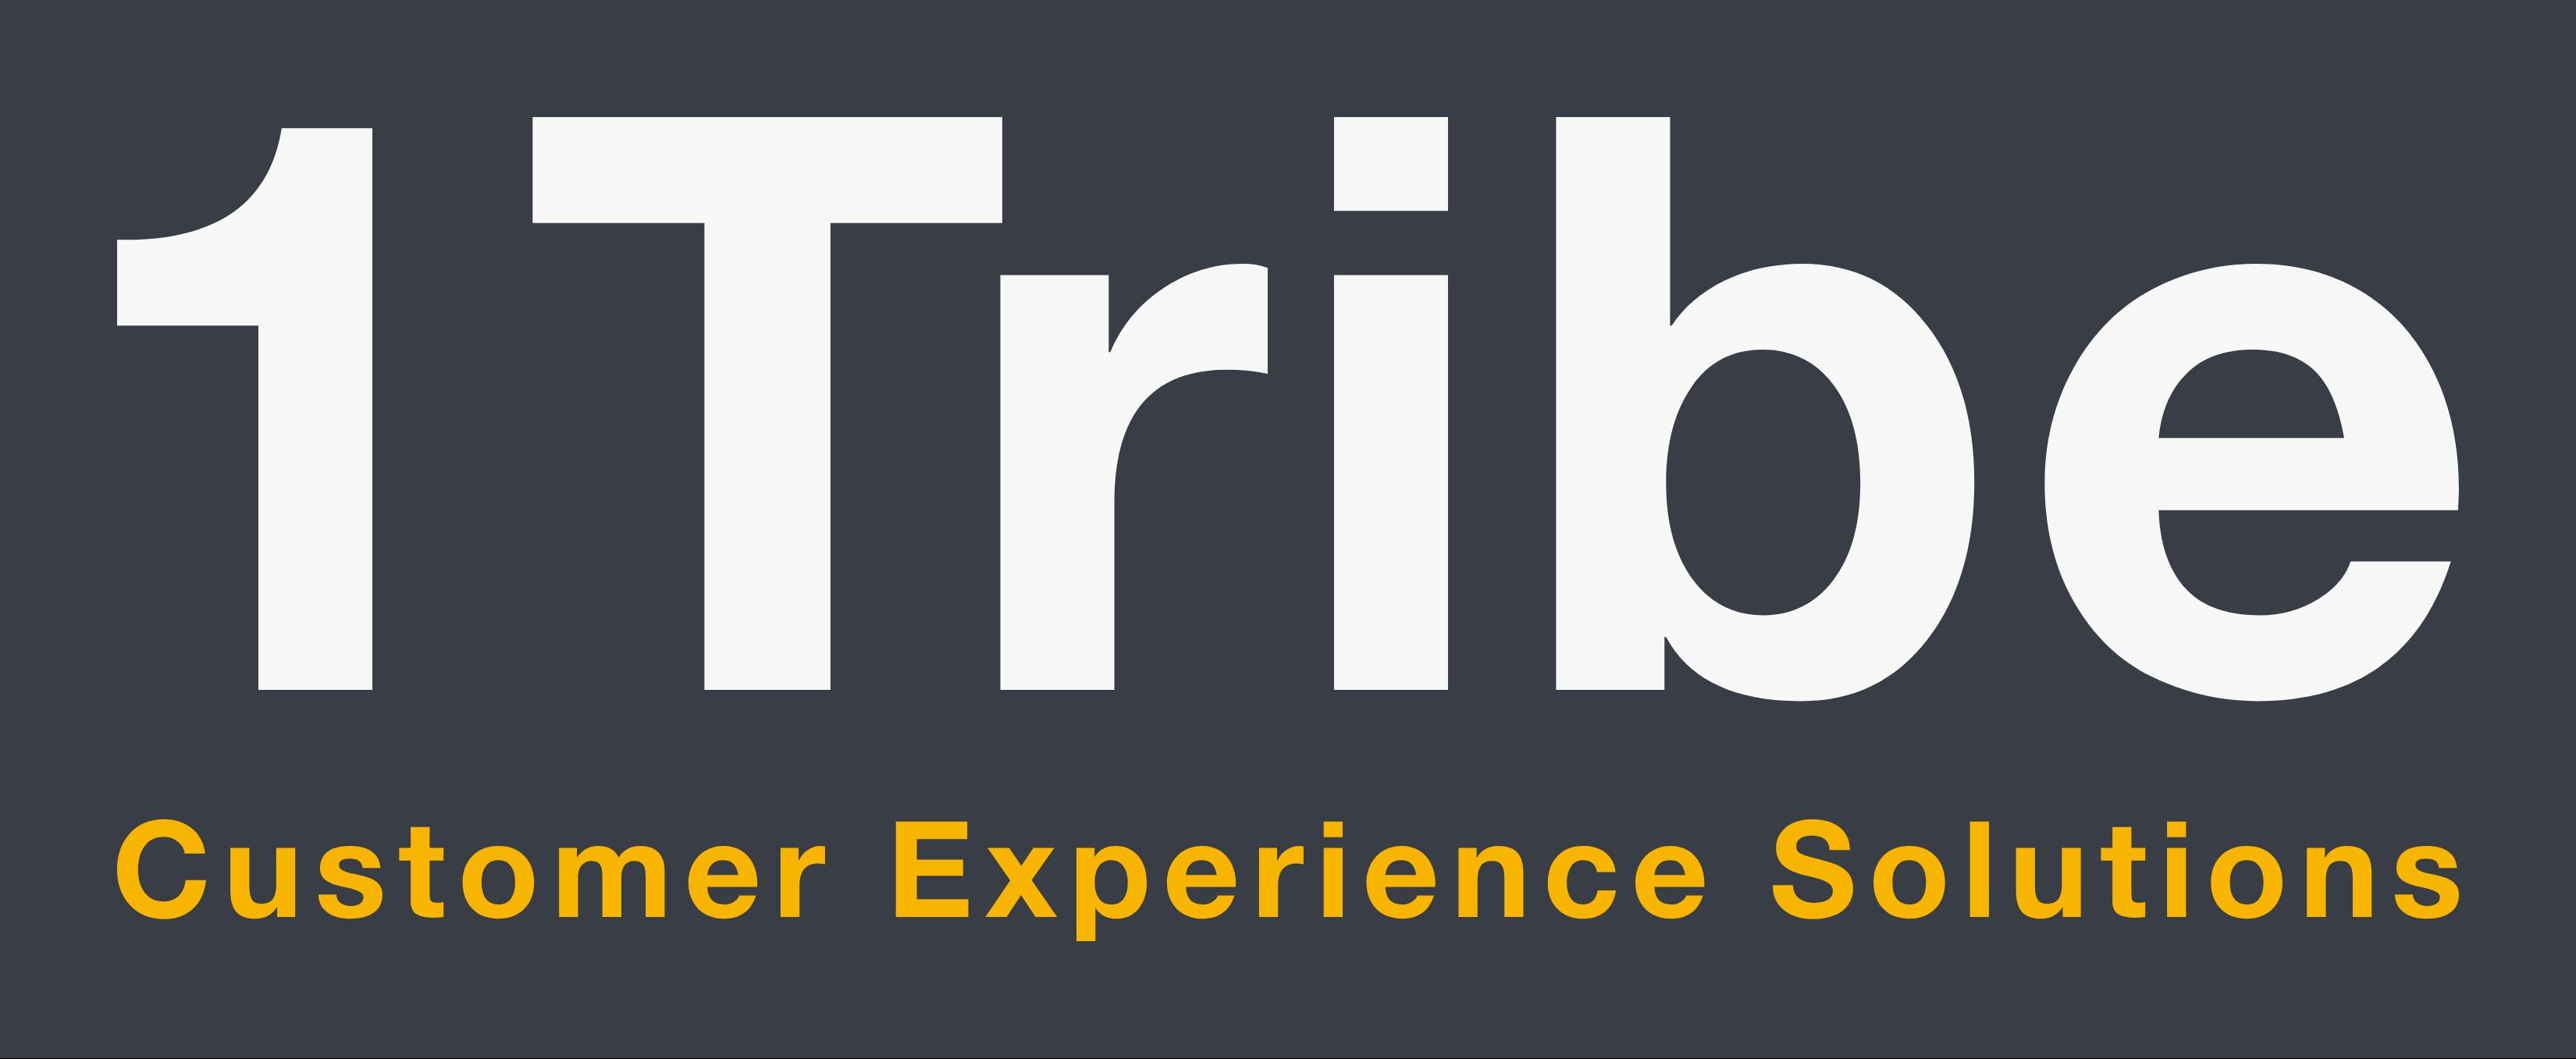 1Tribe.com.au